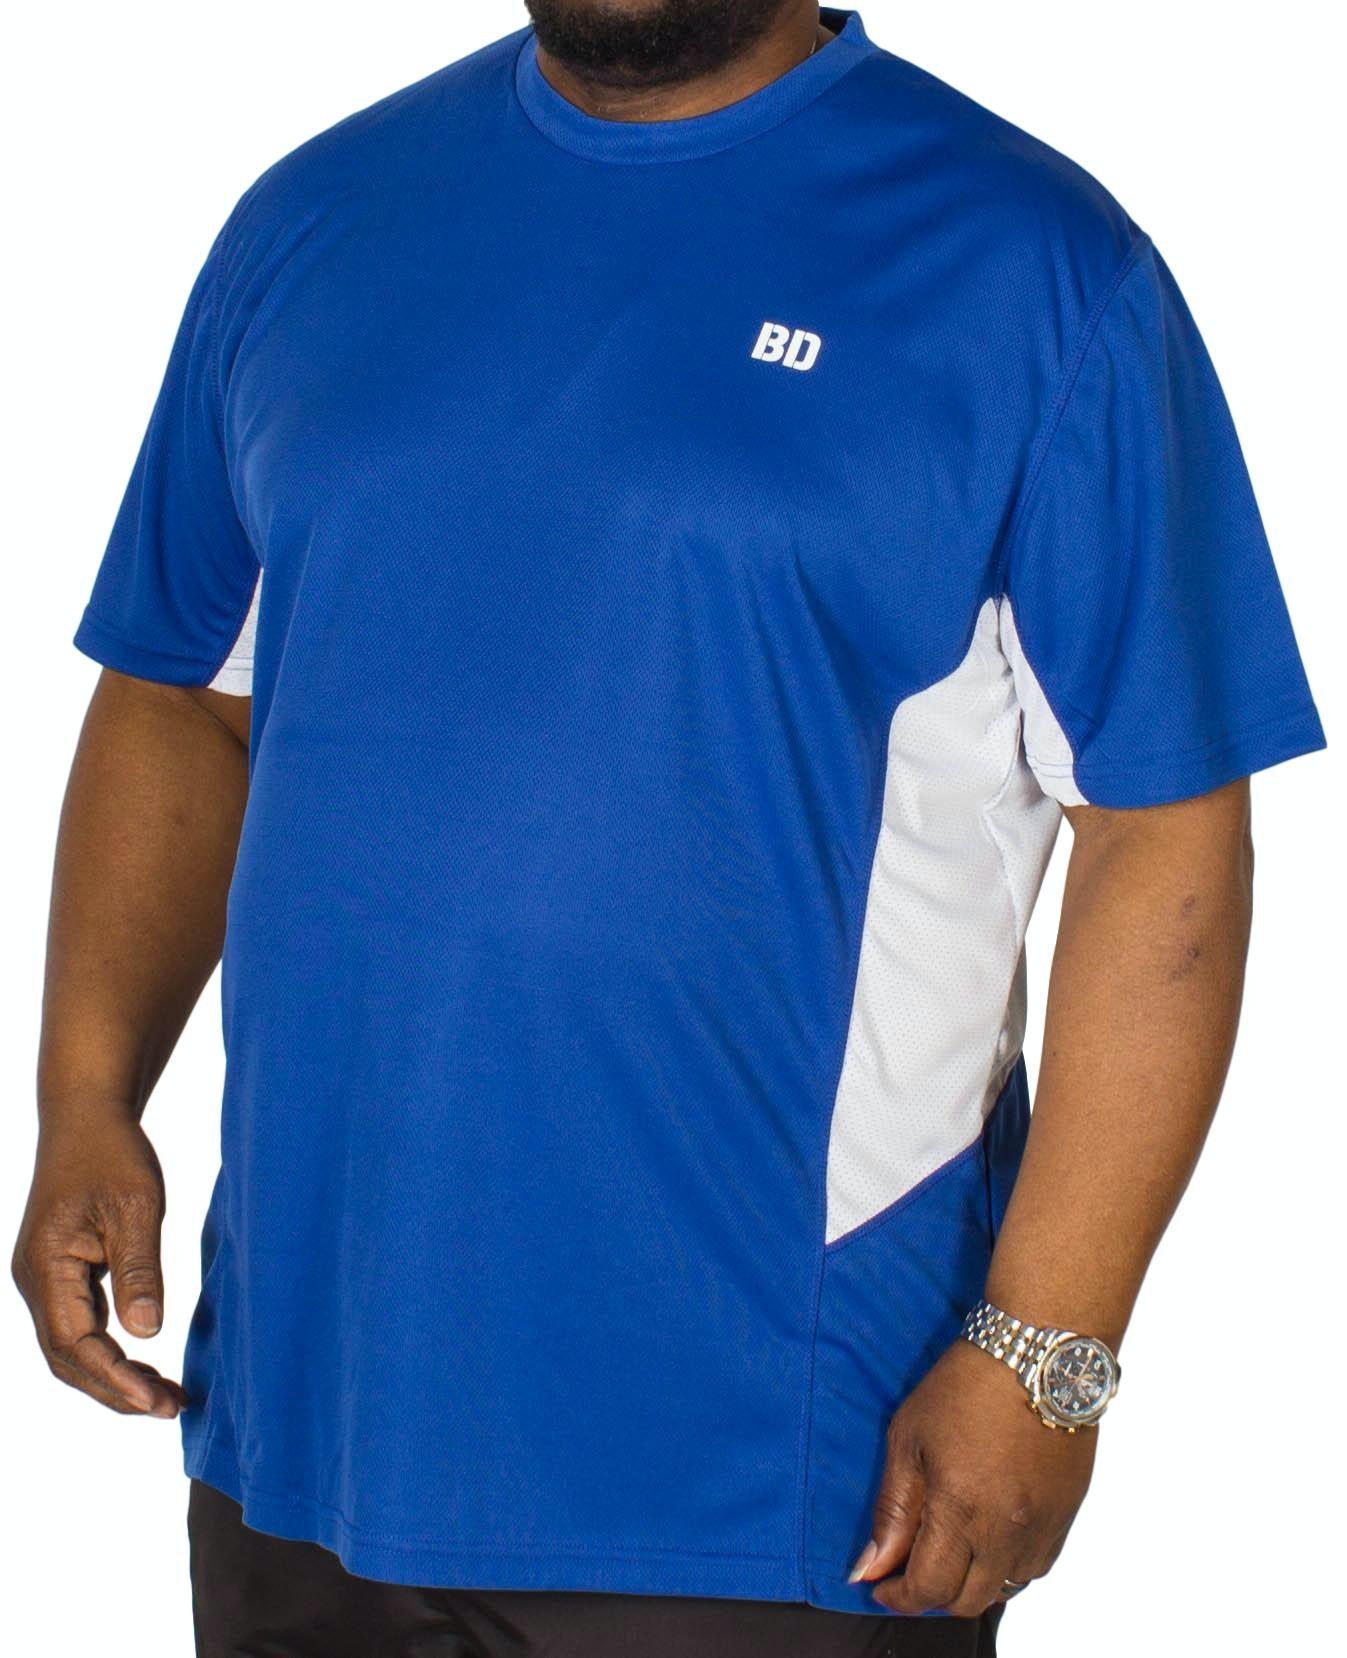 Bigdude Vented Stretch Gym T-Shirt Royal Blue